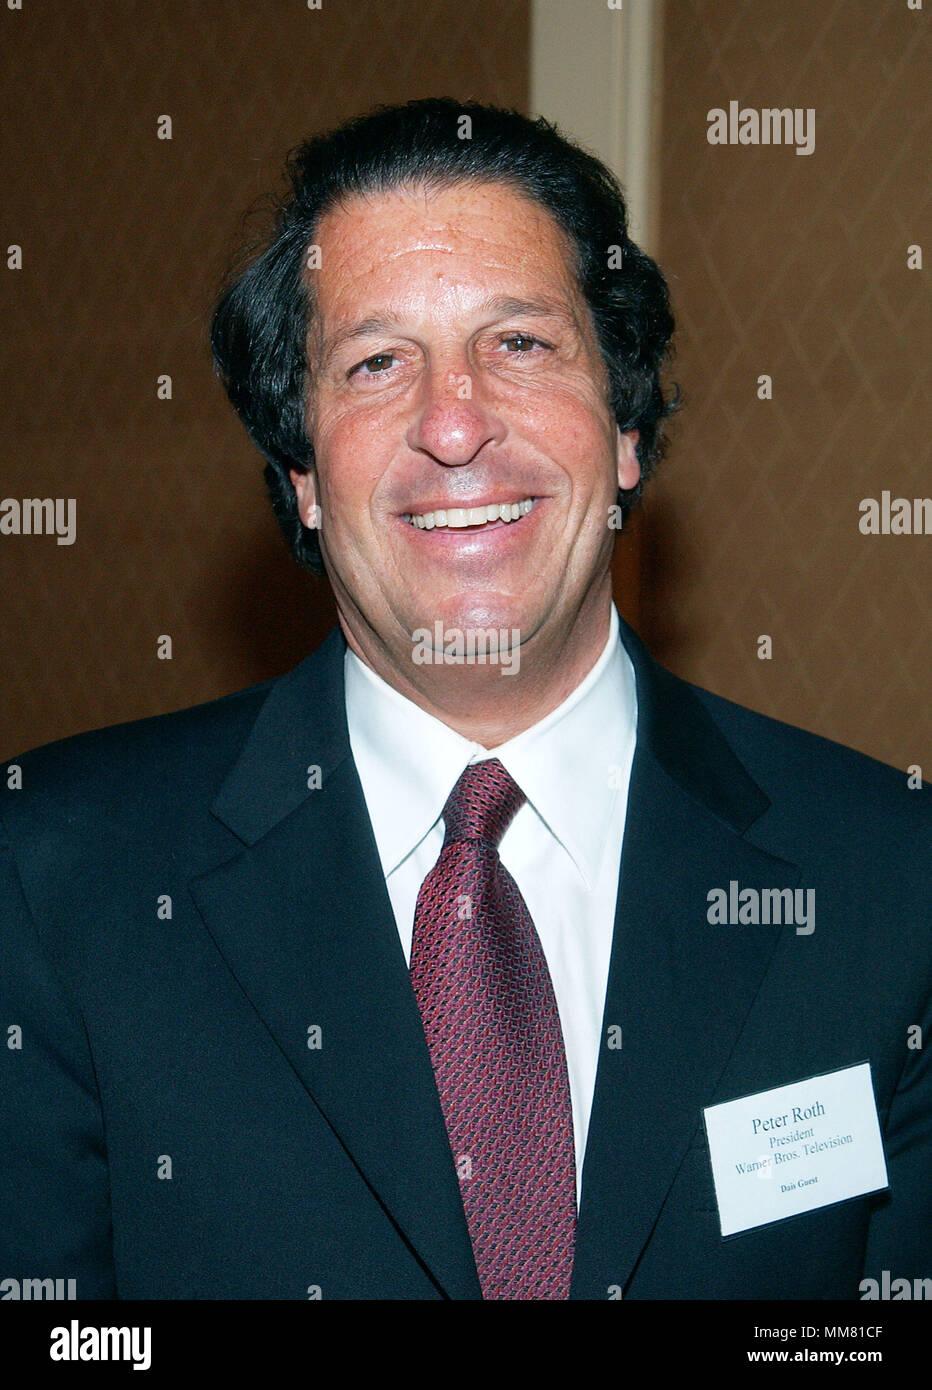 Peter Roth (WB) at the Hollywood Radio and Television Society